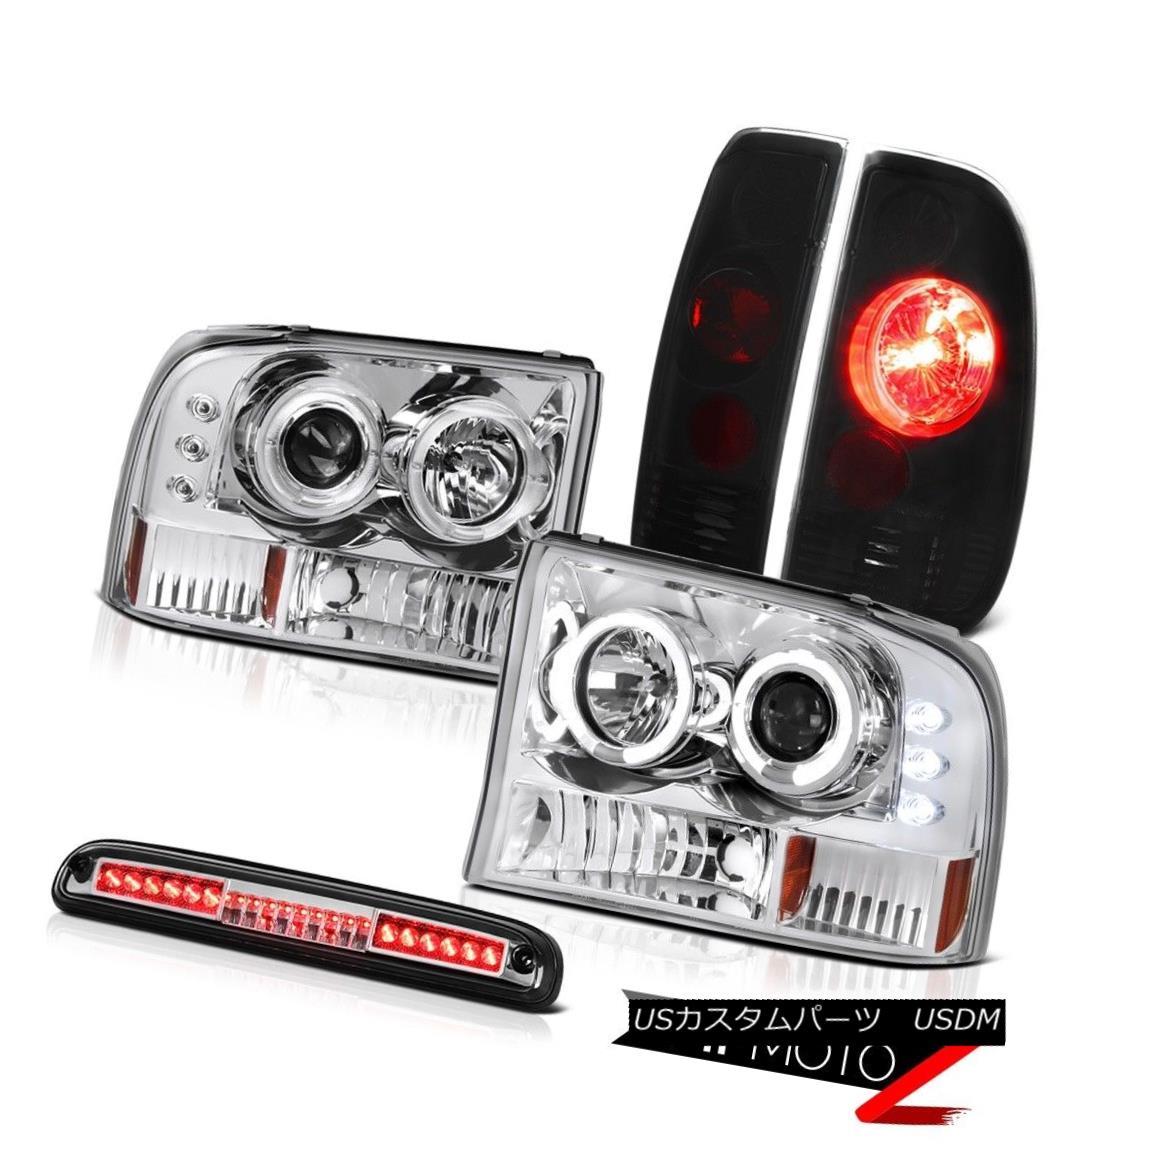 テールライト LED Angel Eye Headlights Smoke+Black Tail Light High Chrome 1999-2004 F350 6.8L LEDエンジェルアイヘッドライトスモーク+ブラックテールライトハイクローム1999-2004 F350 6.8L